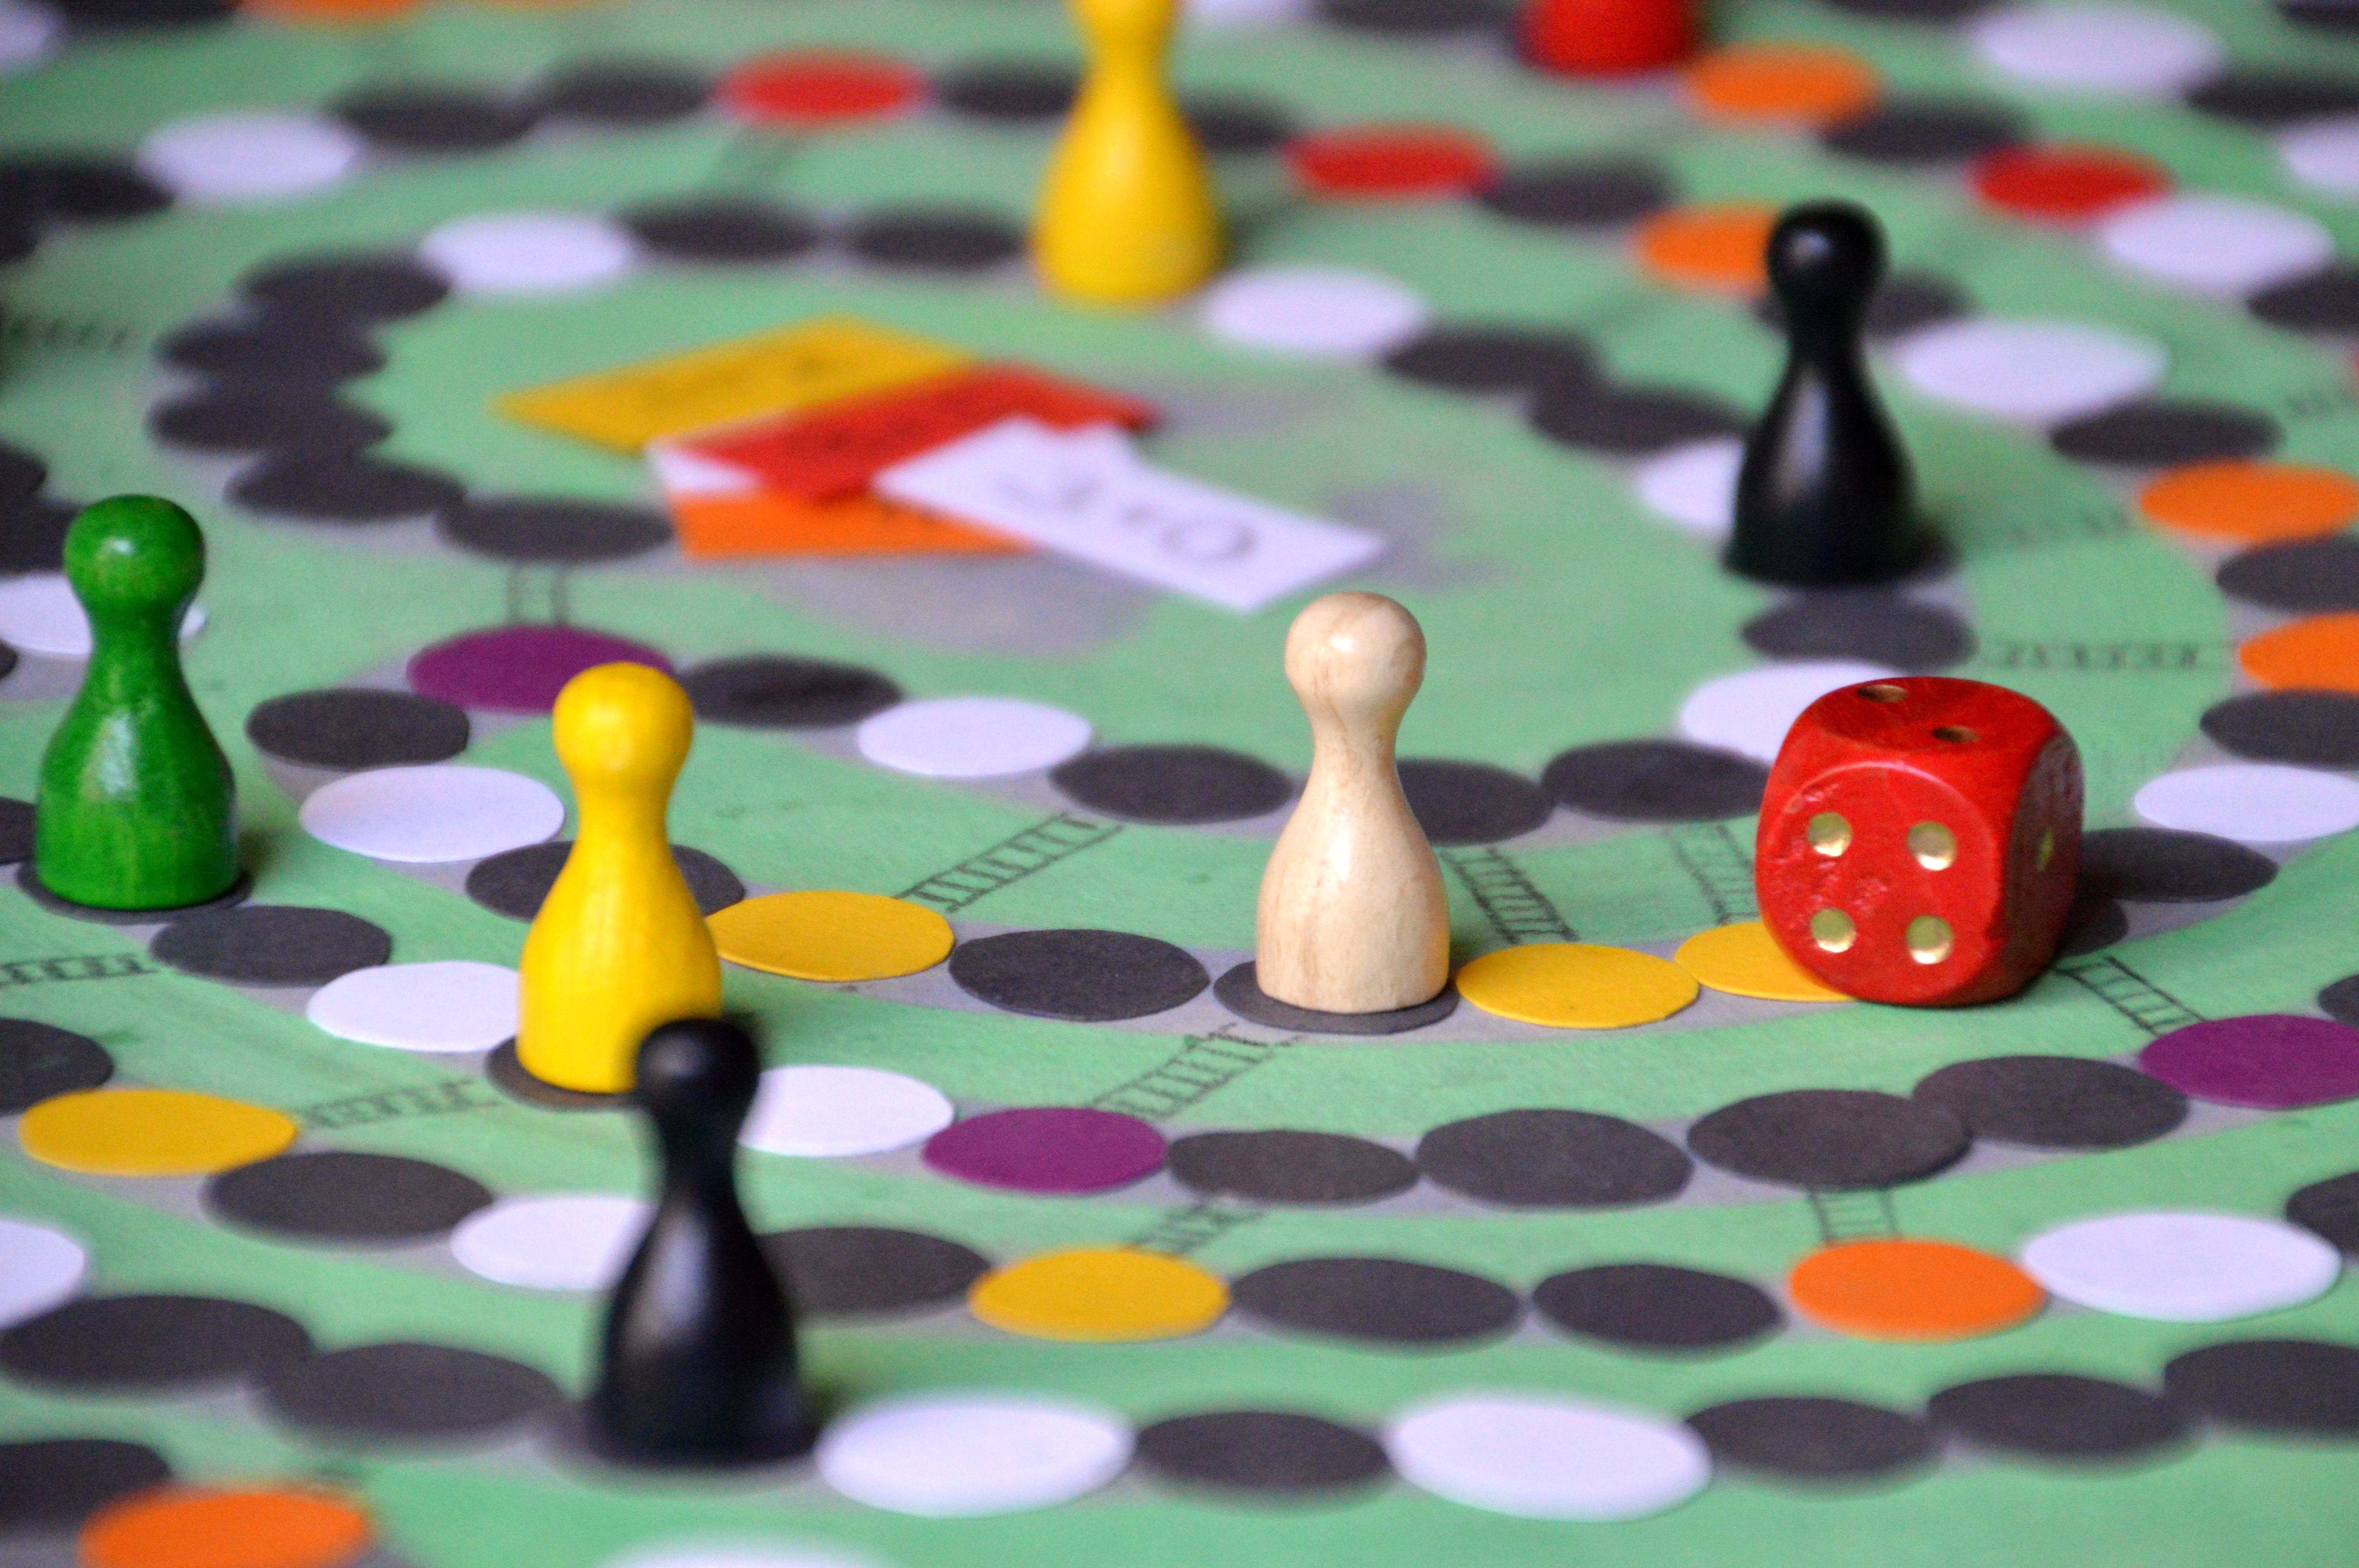 子供も女性も楽しめるmidoriのおすすめボードゲーム〜タイプ別6選〜